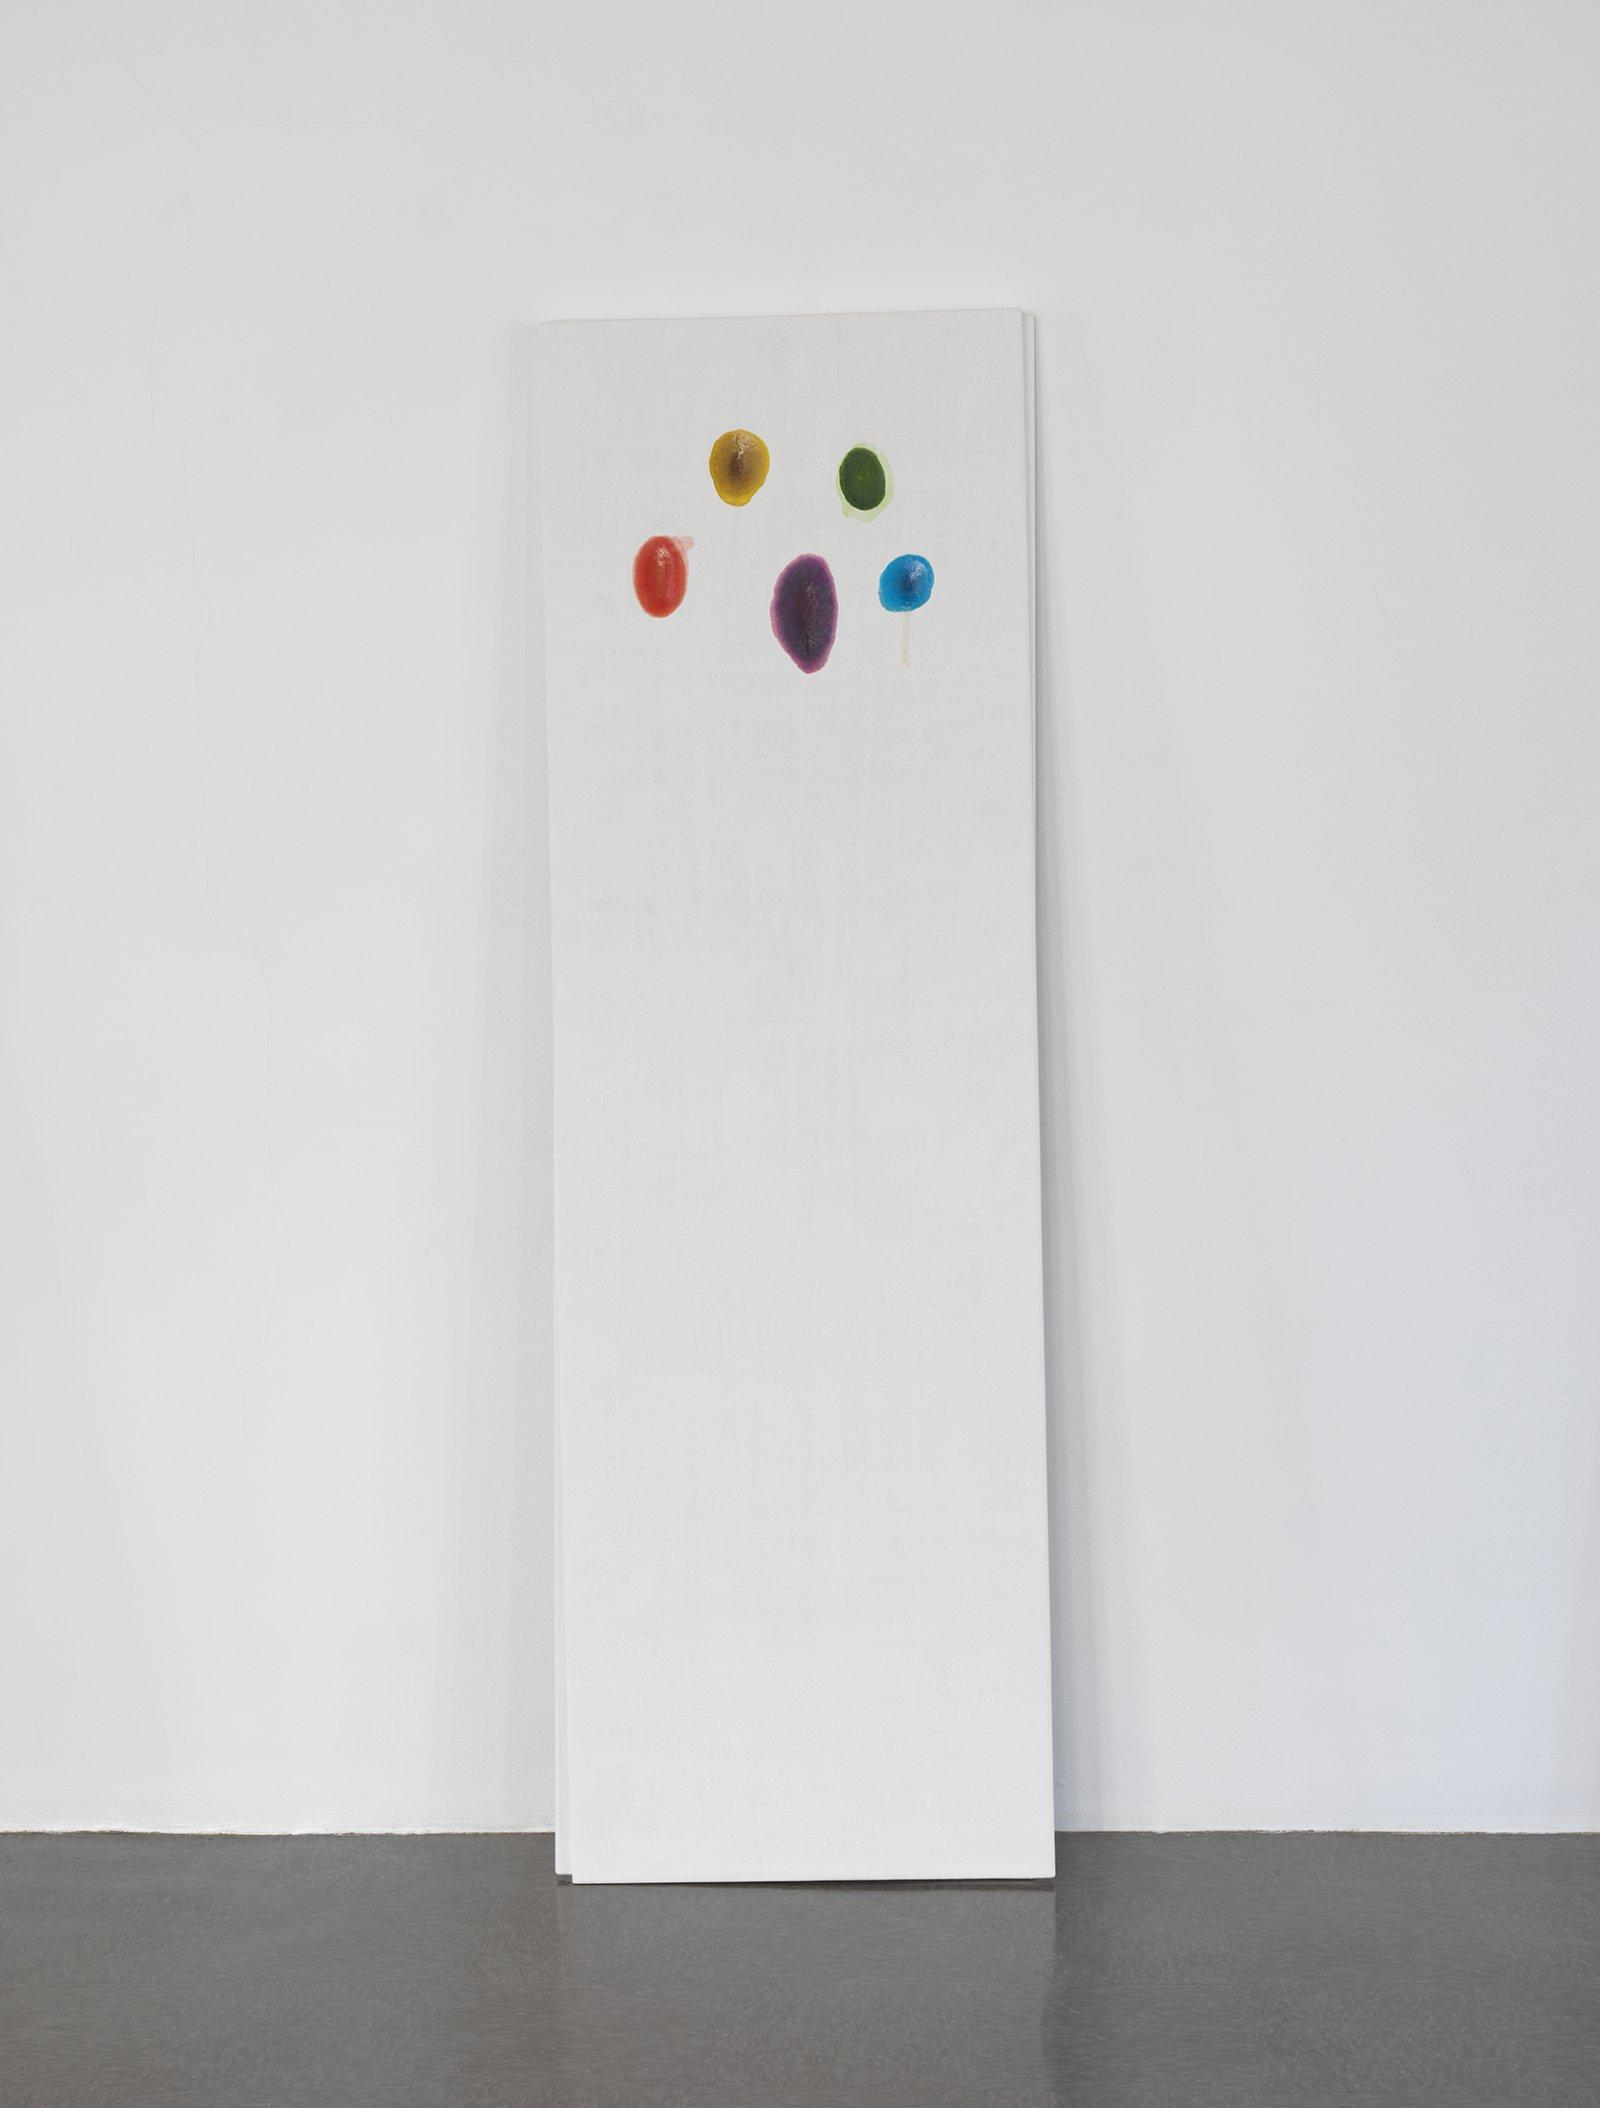 Christina Mackie, Chalk no. 4, 2014, birch, gesso, watercolour, 78 x 24 in. (198 x 62 cm)   by Christina Mackie